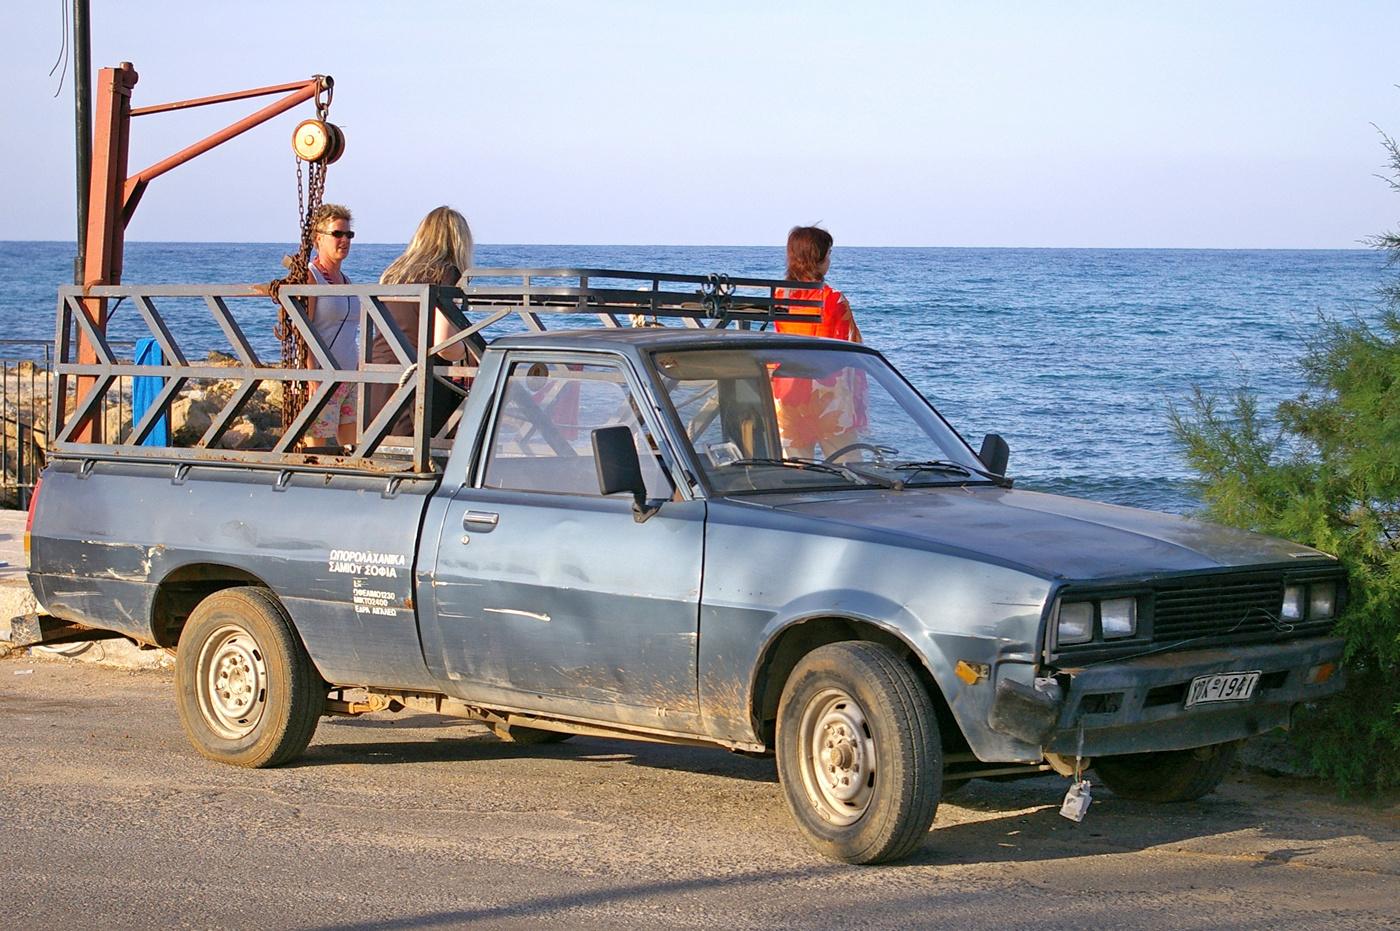 Пикап Toyota Hilux. Греческая республика, остров Крит, Муниципалитет Ираклион, Аналипси